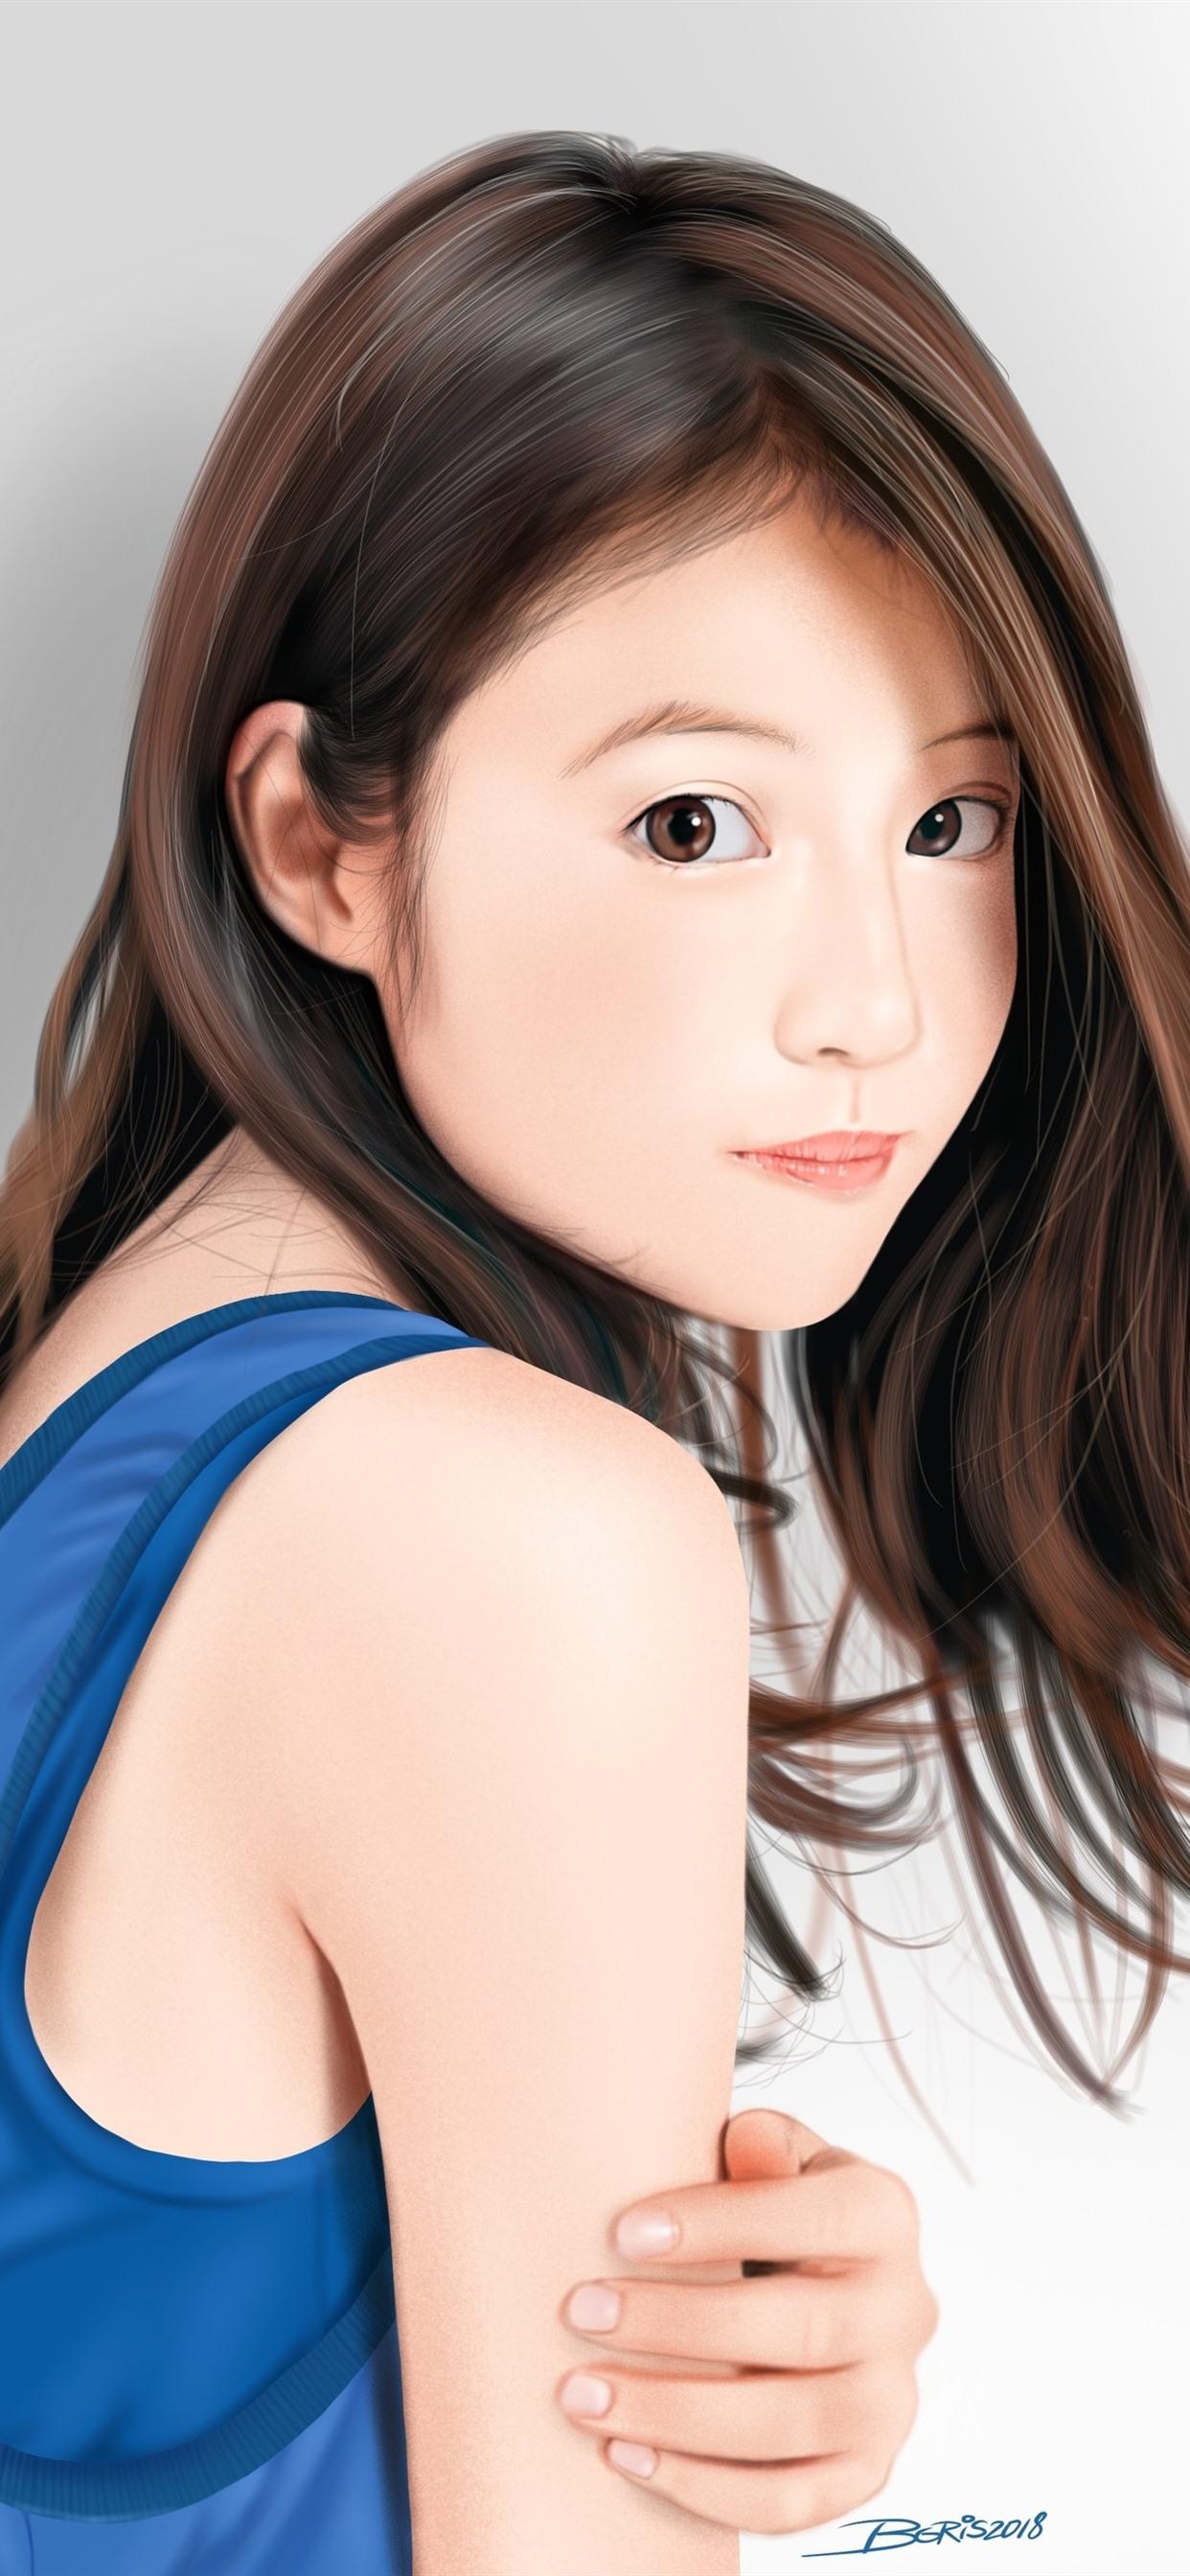 壁紙 今田 美桜 可愛い